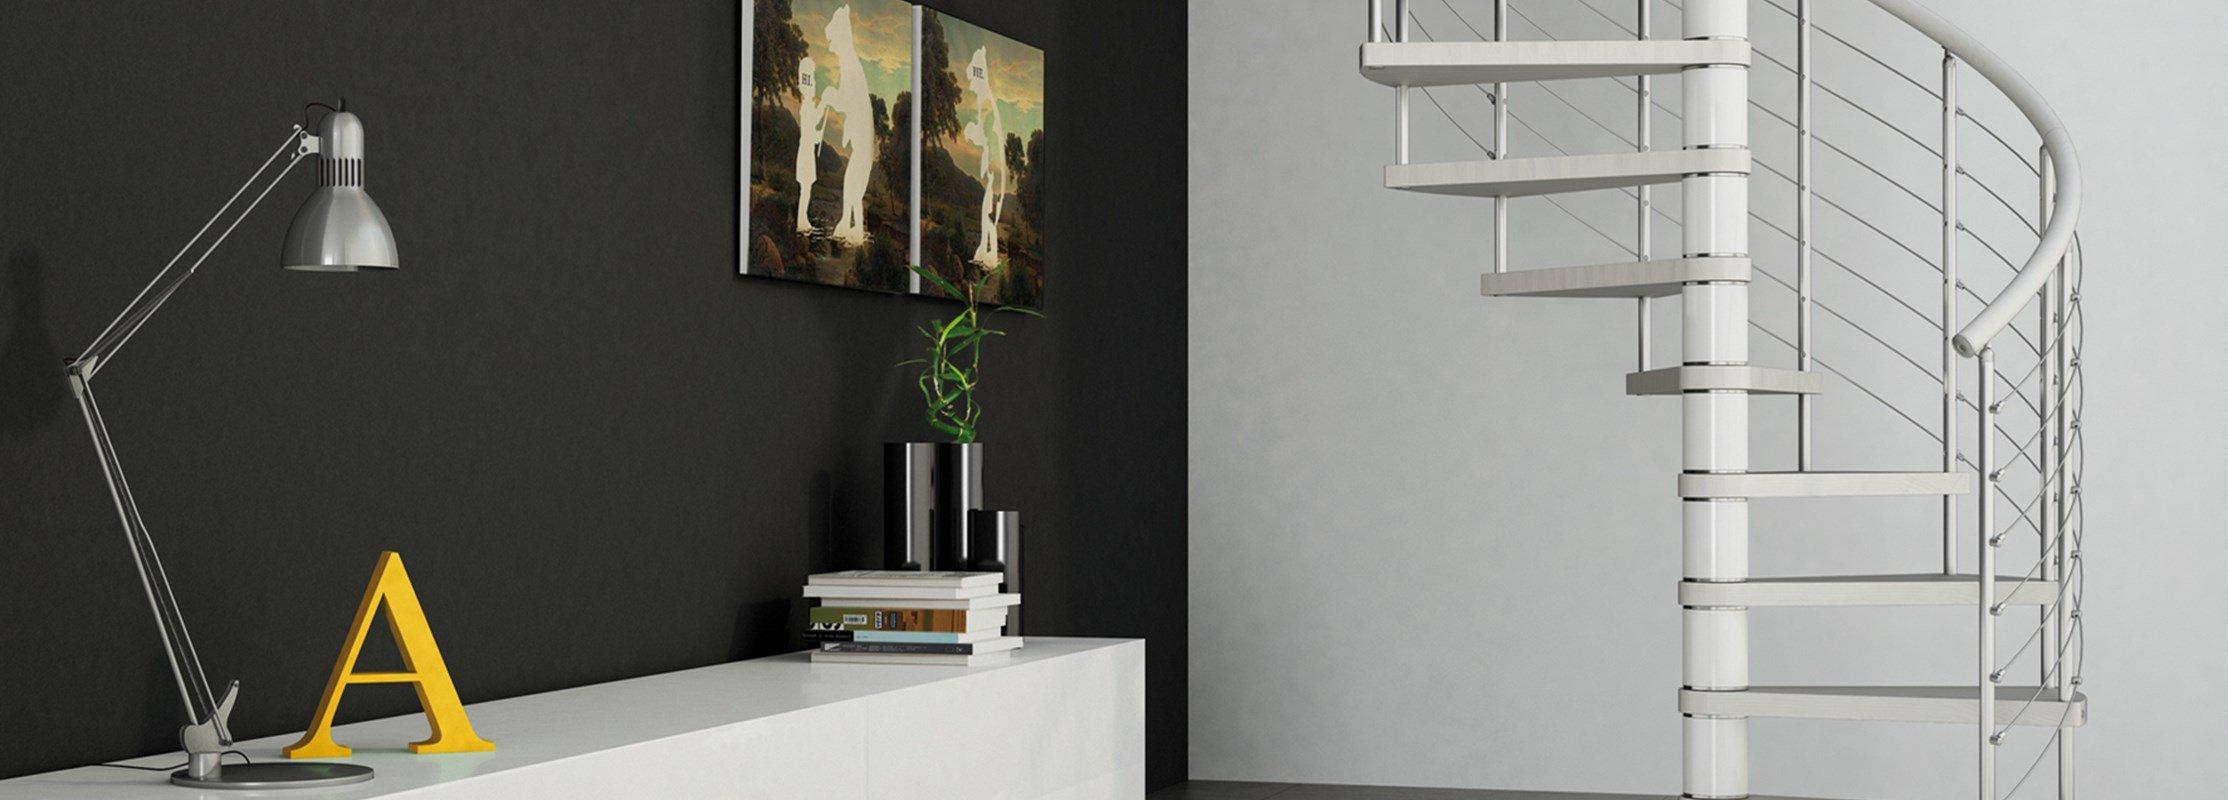 Fontanot   varumärken   bygghemma.se   sveriges största bygghandel ...